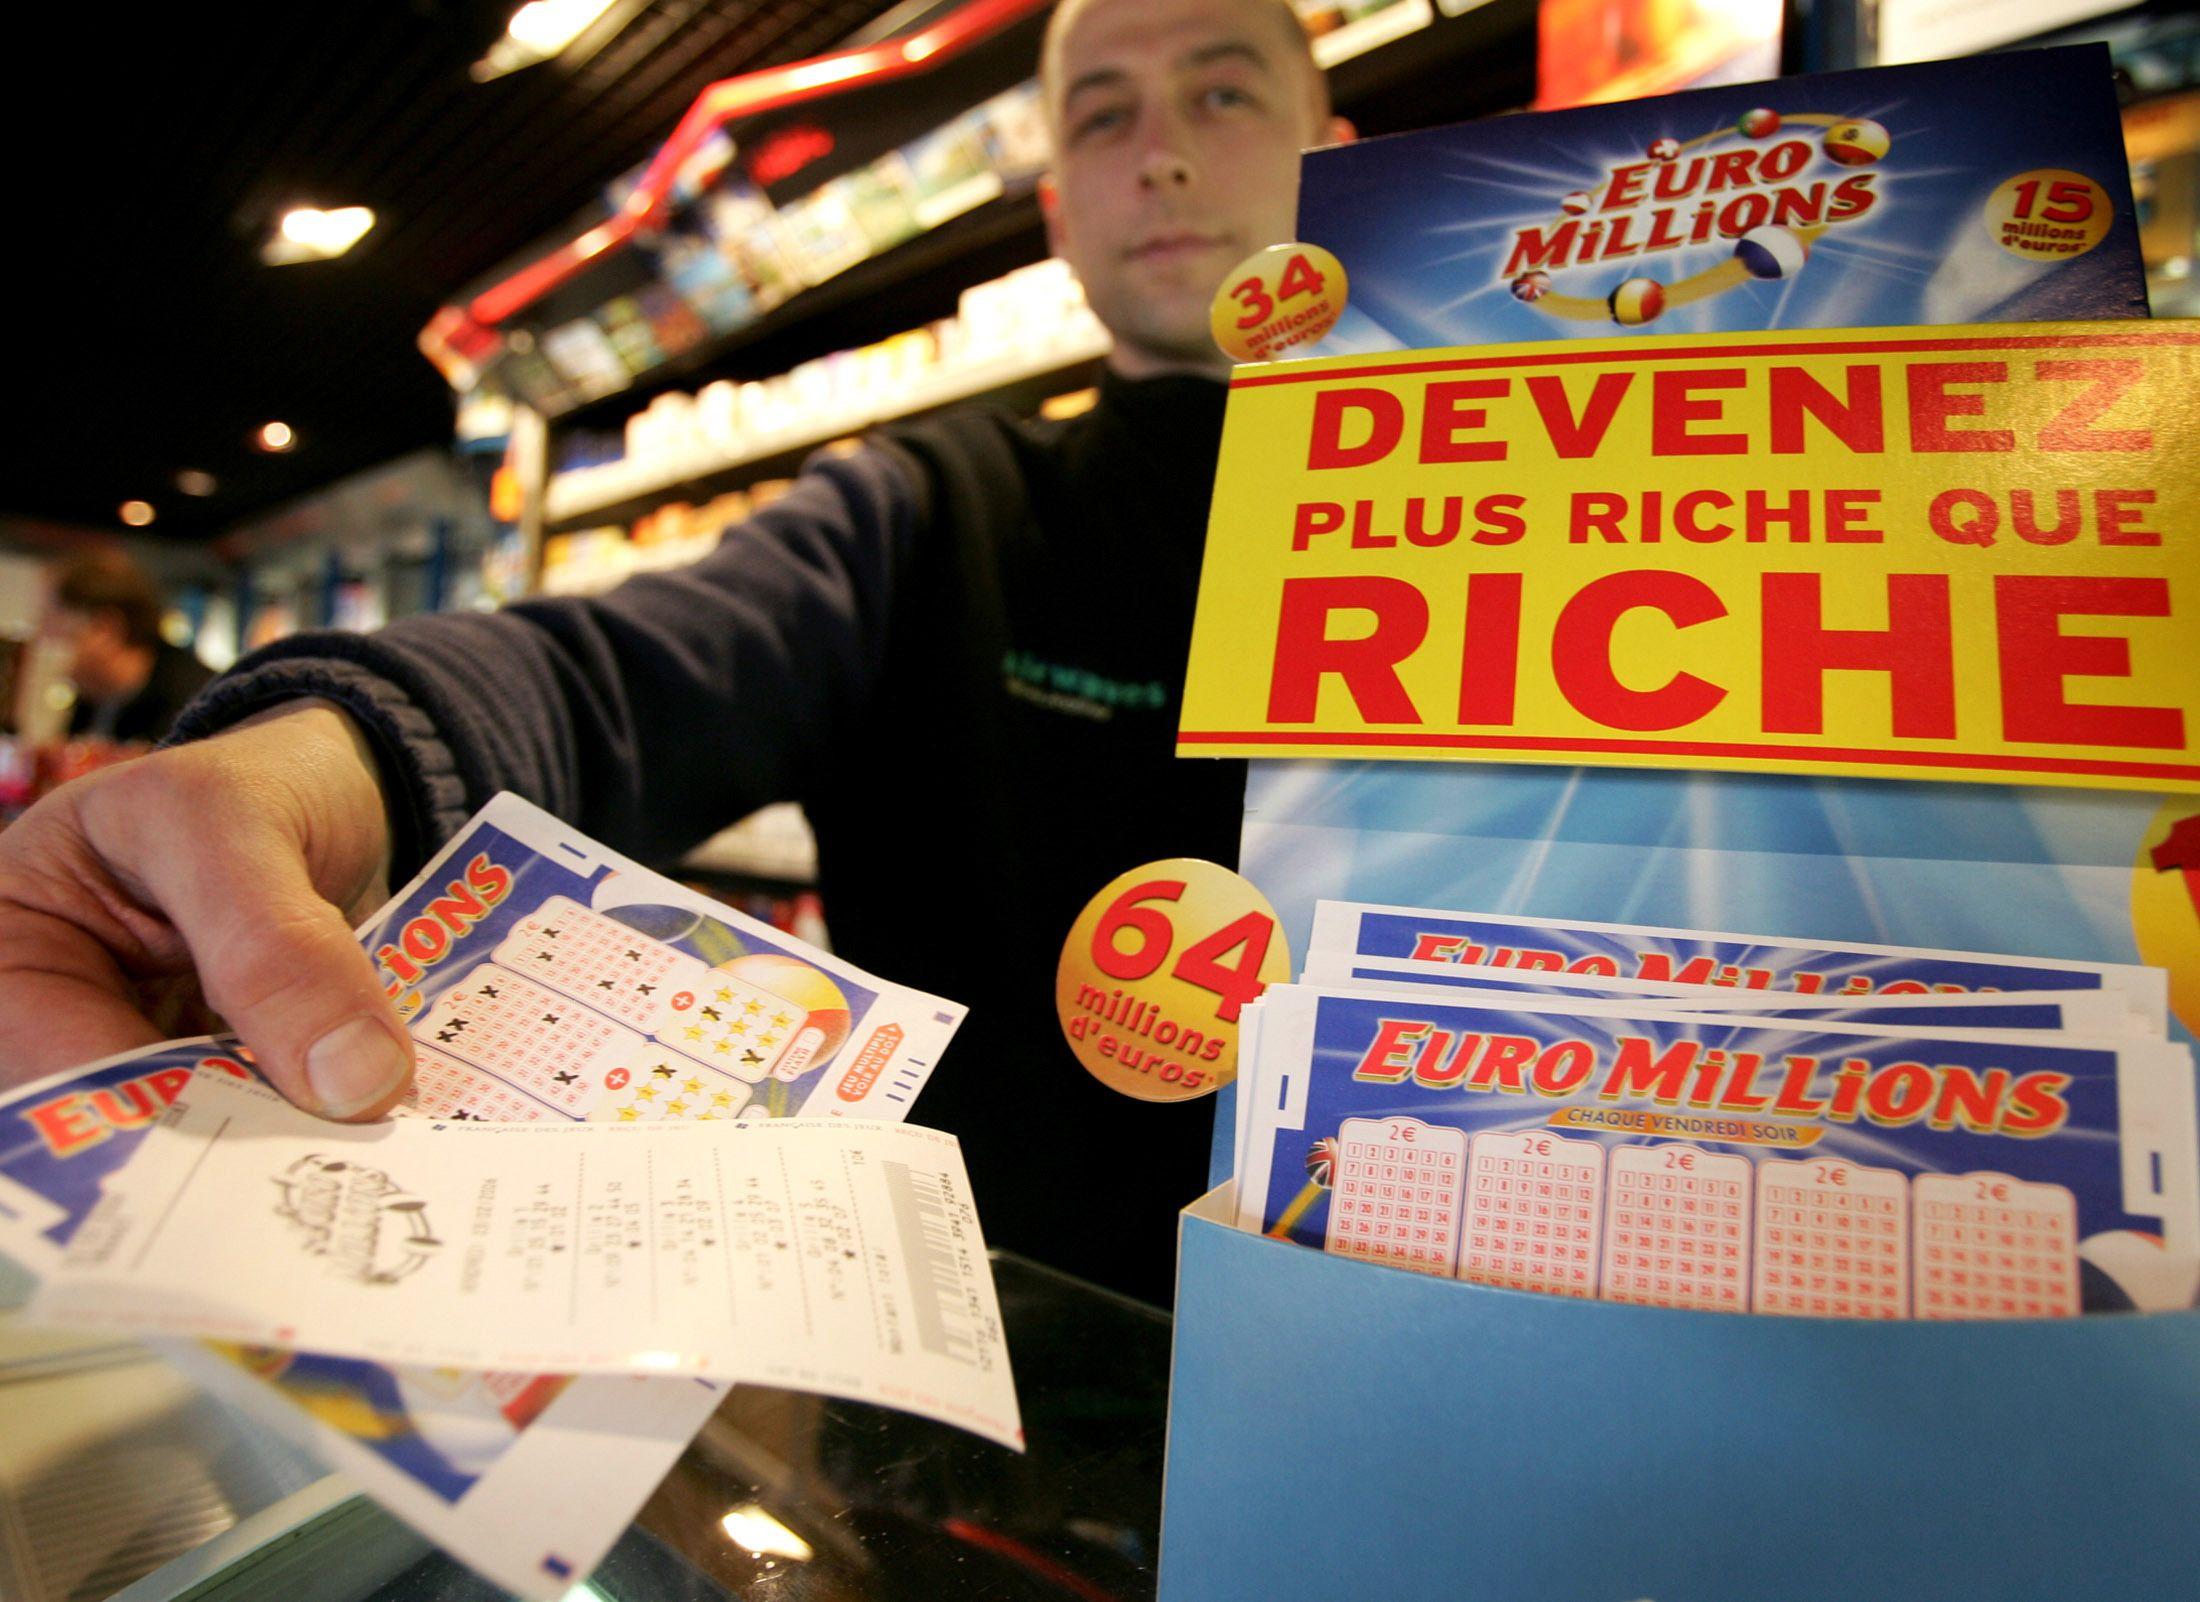 EuroMillions : un Britannique remporte plus de 89 millions d'euros